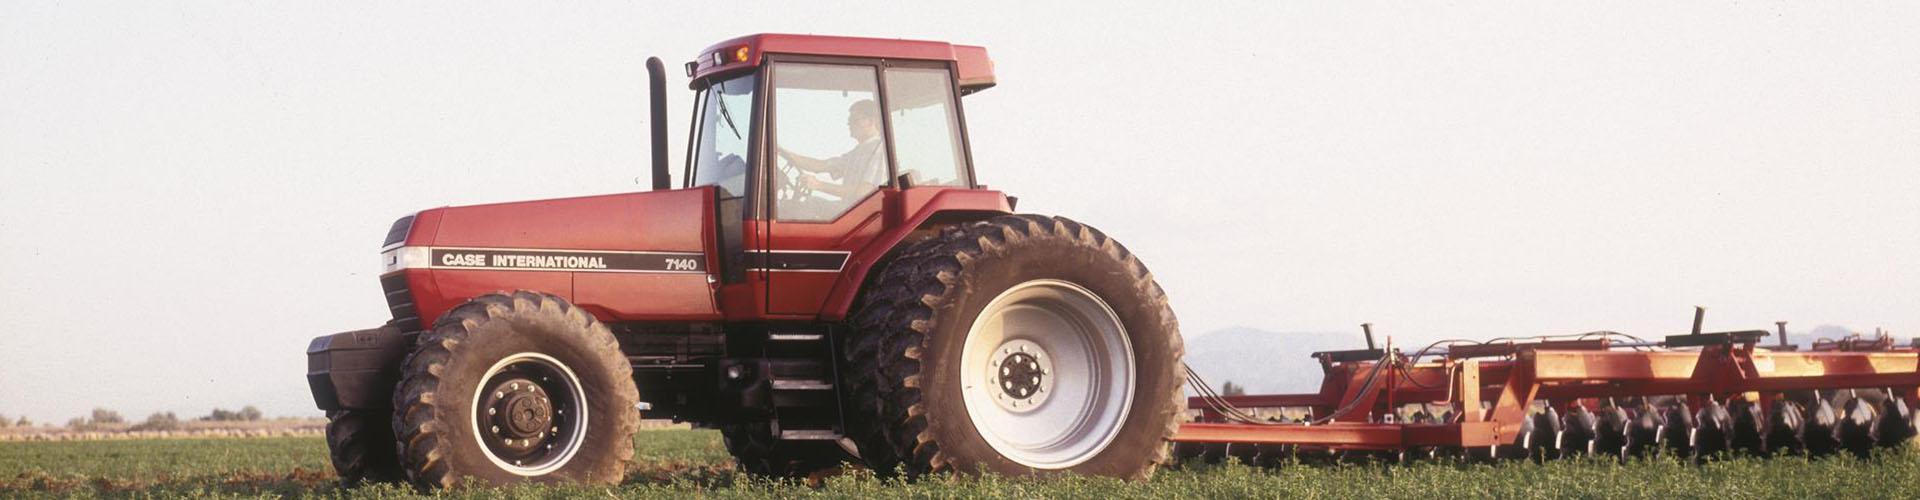 Tracteur agricole d'occasion à vendre